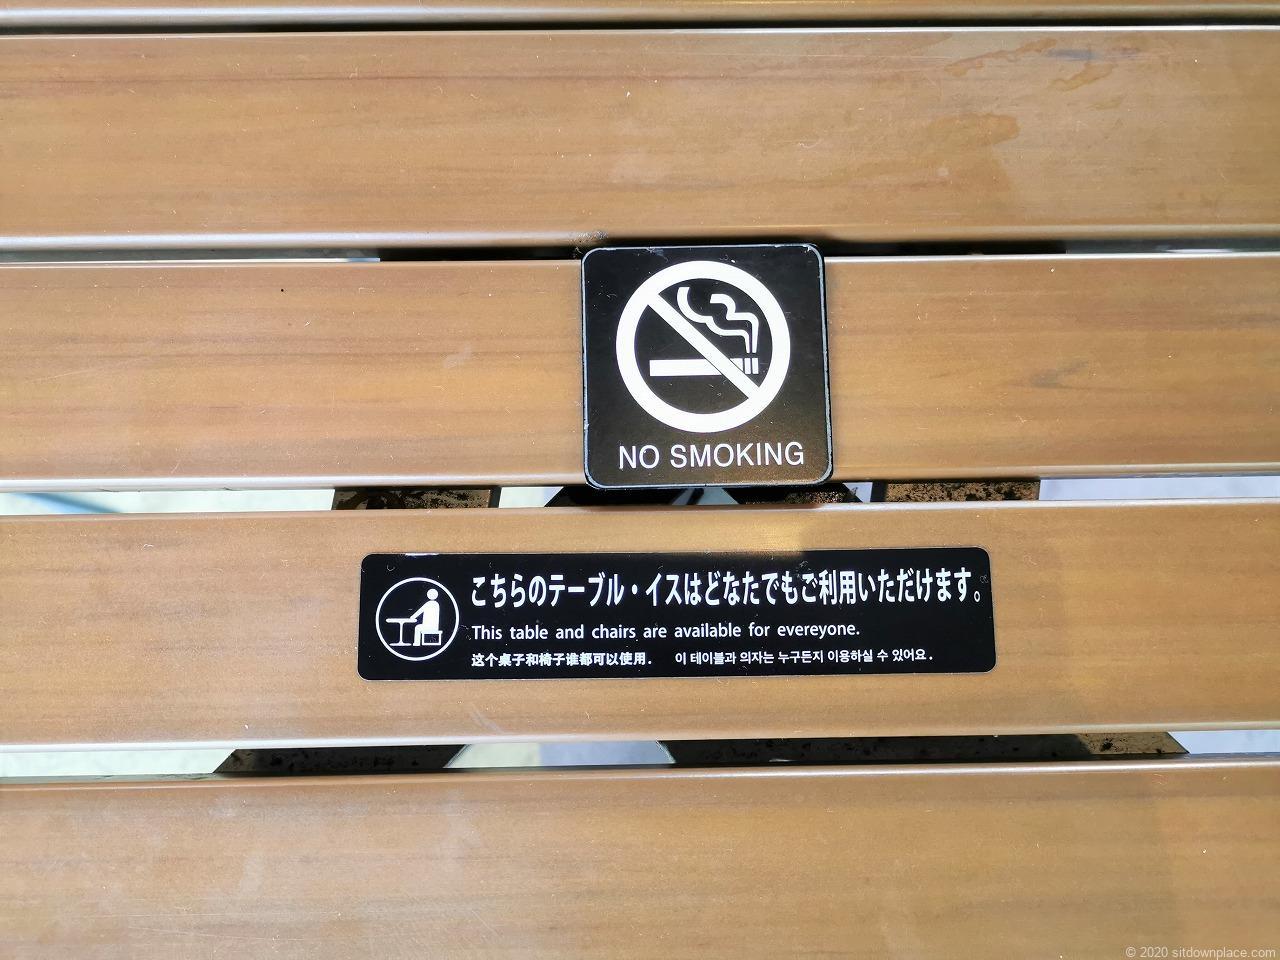 水道橋駅 東京ドームシティ HI!EVERY VALLEYのベンチの案内